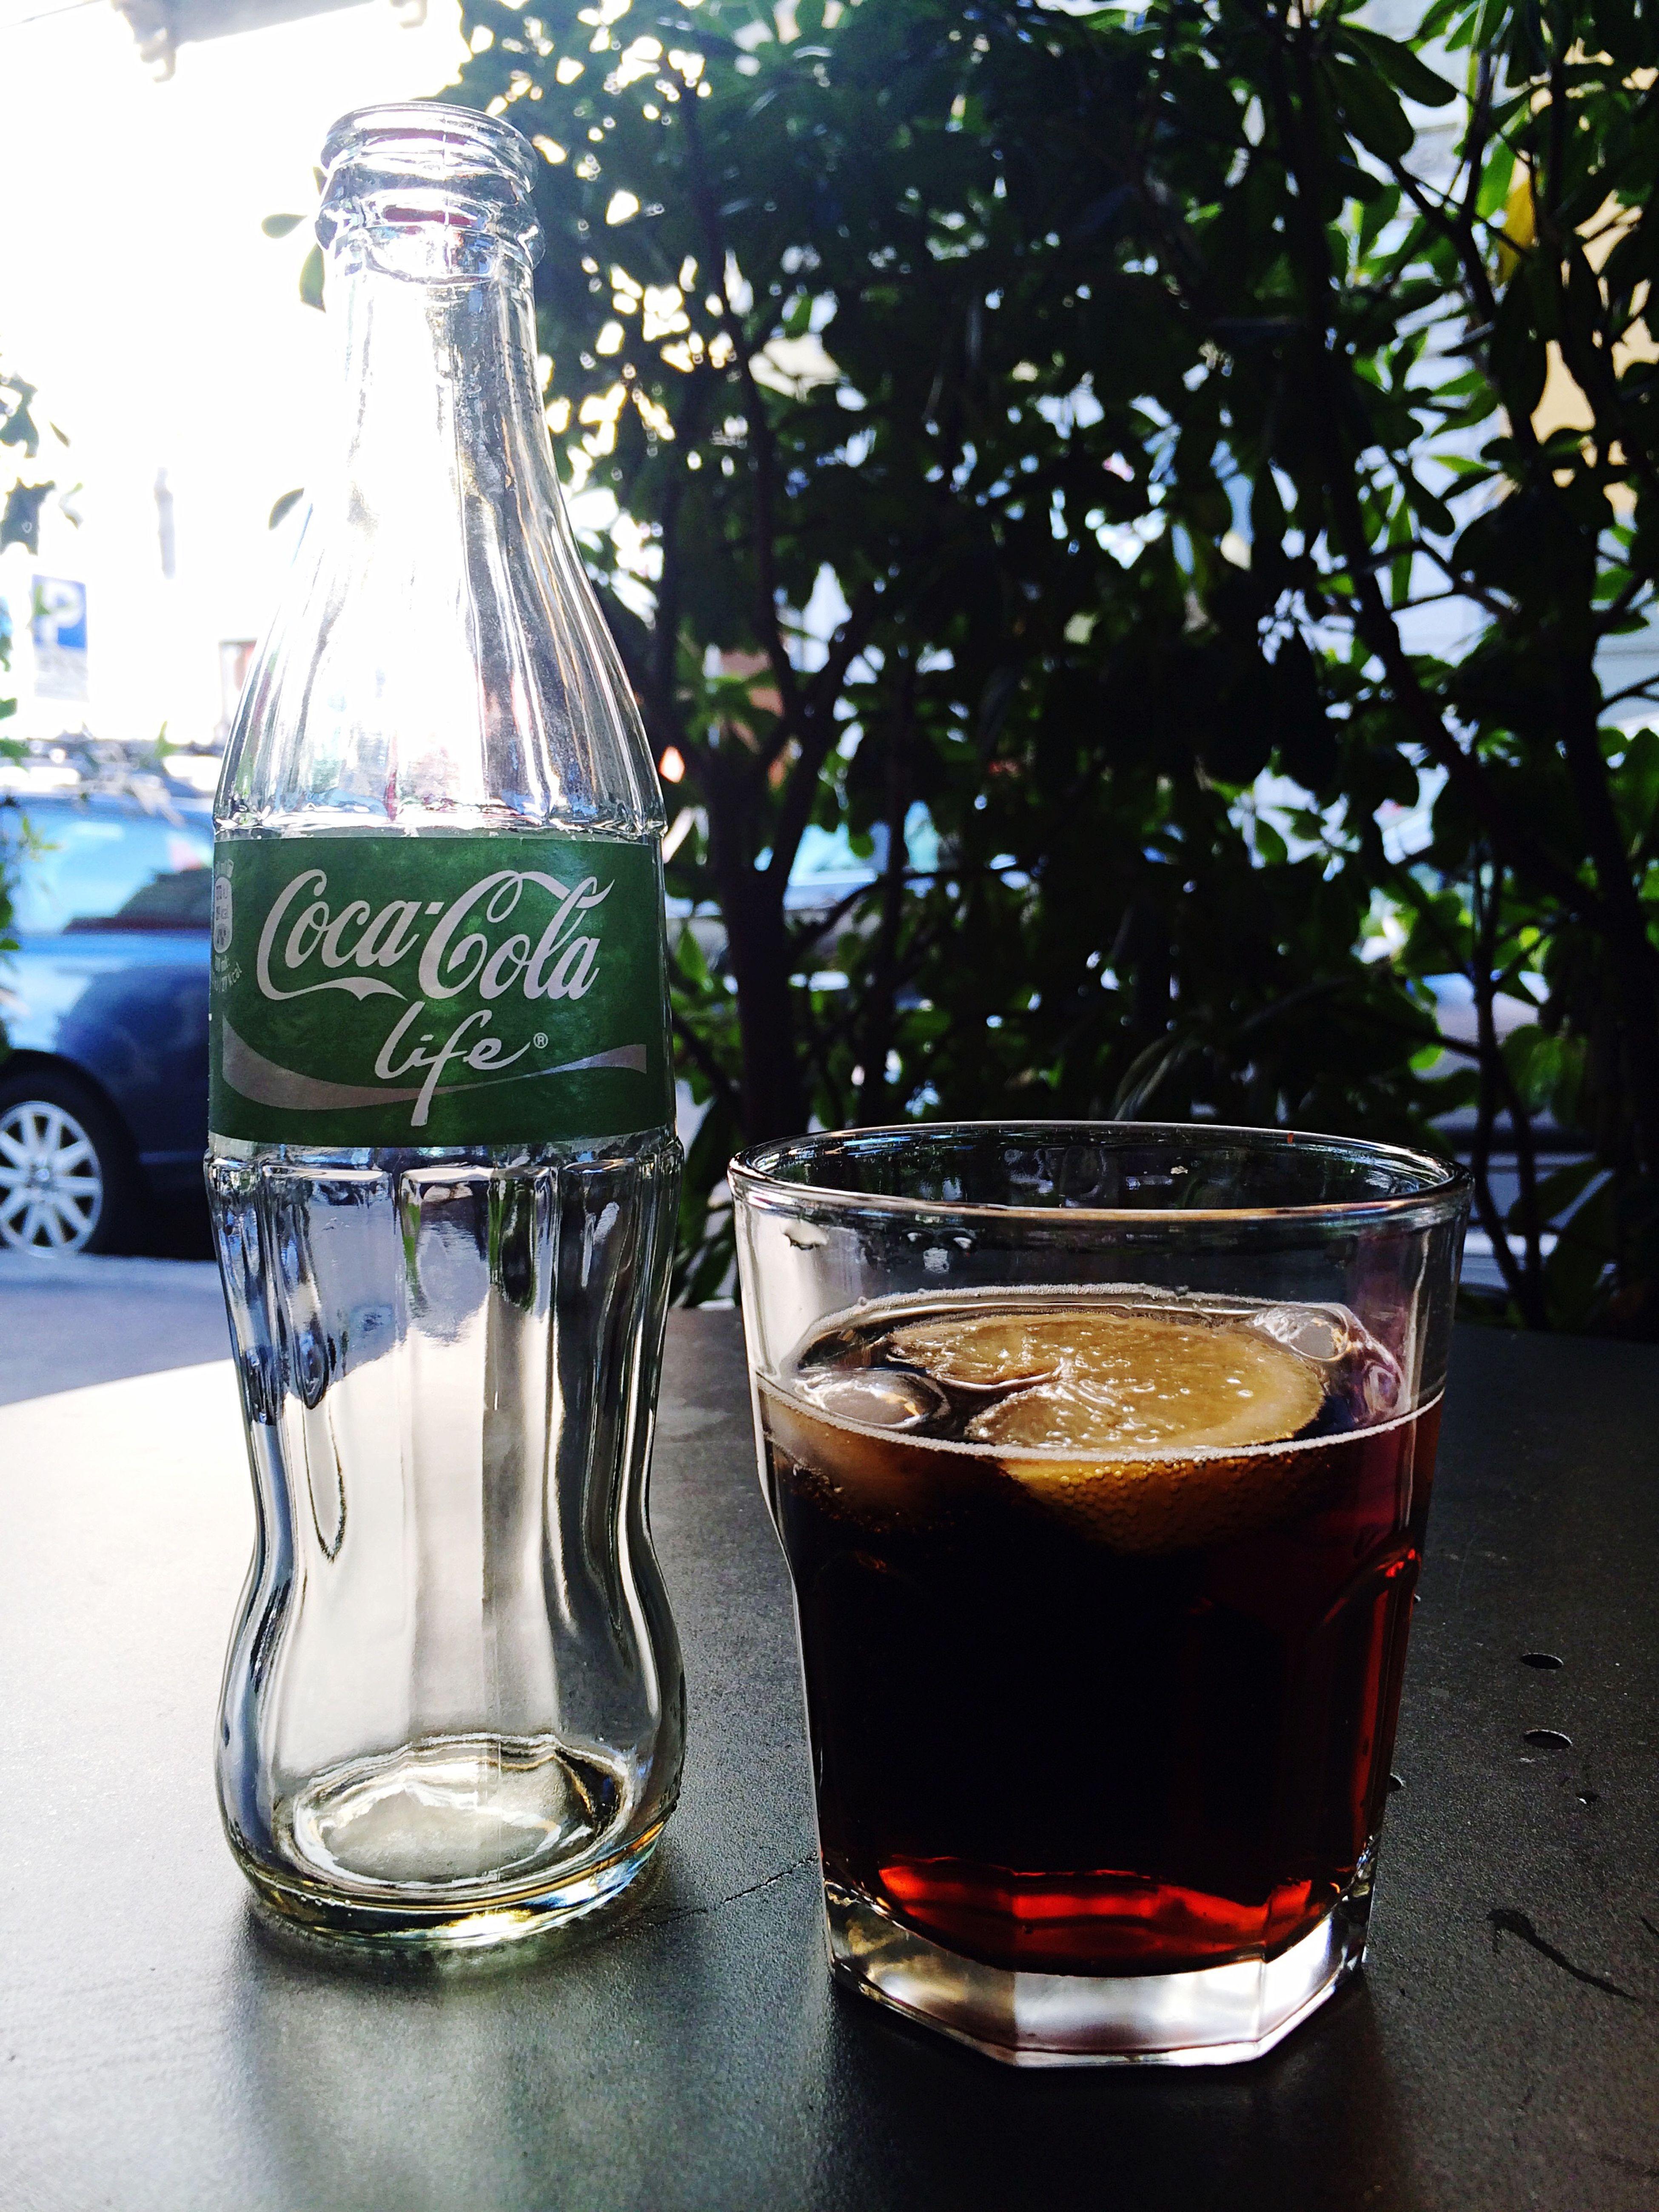 Cocacola Cocacolalife Ghiaccioelimone facciamo le salutari ✌🏼️